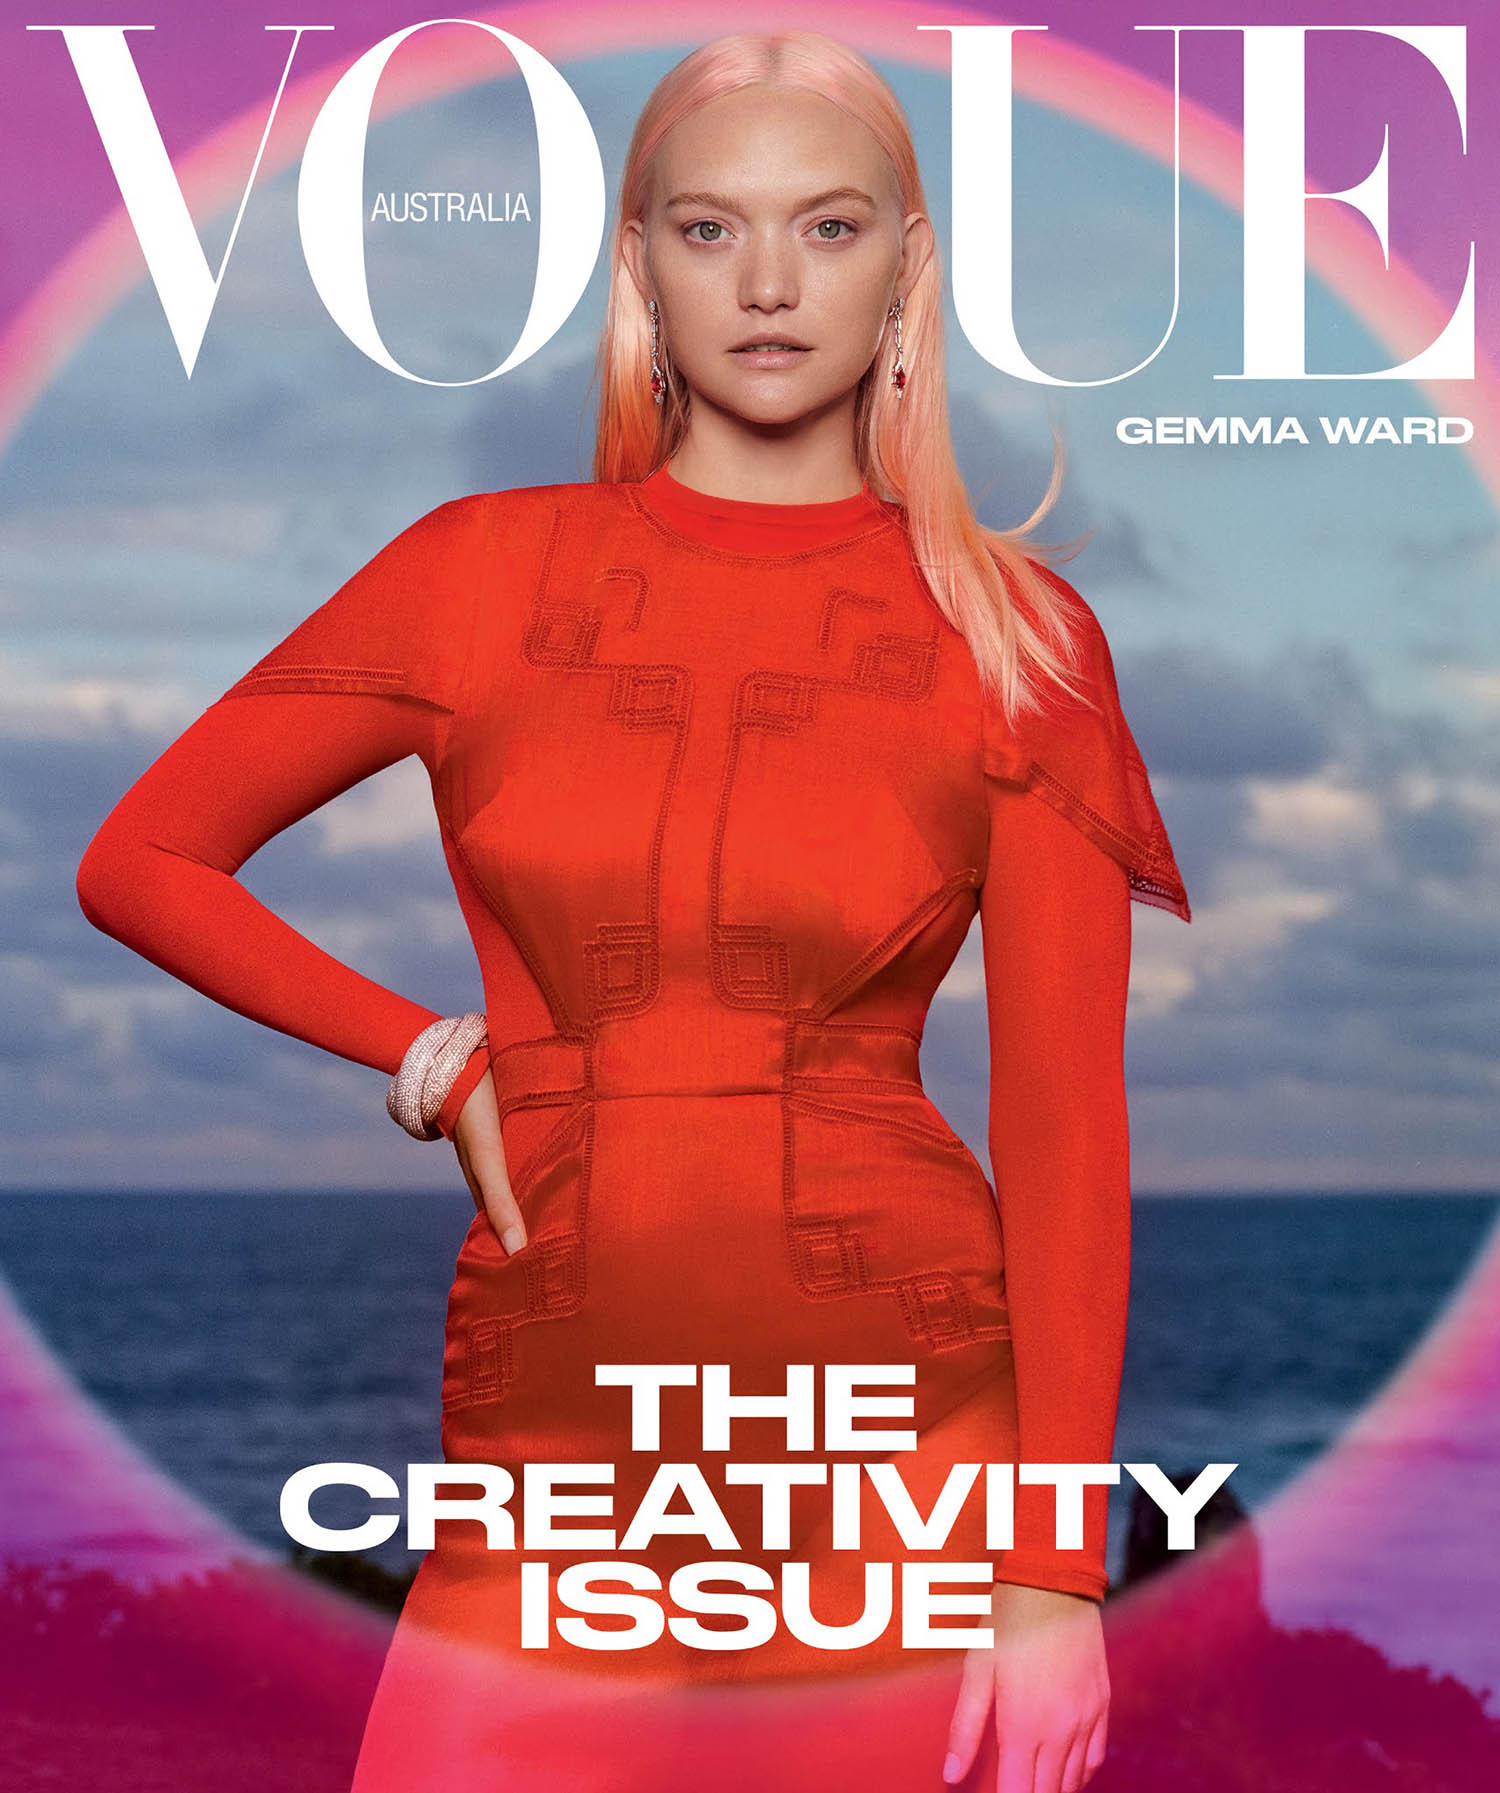 Gemma Ward covers Vogue Australia March 2021 by Derek Henderson